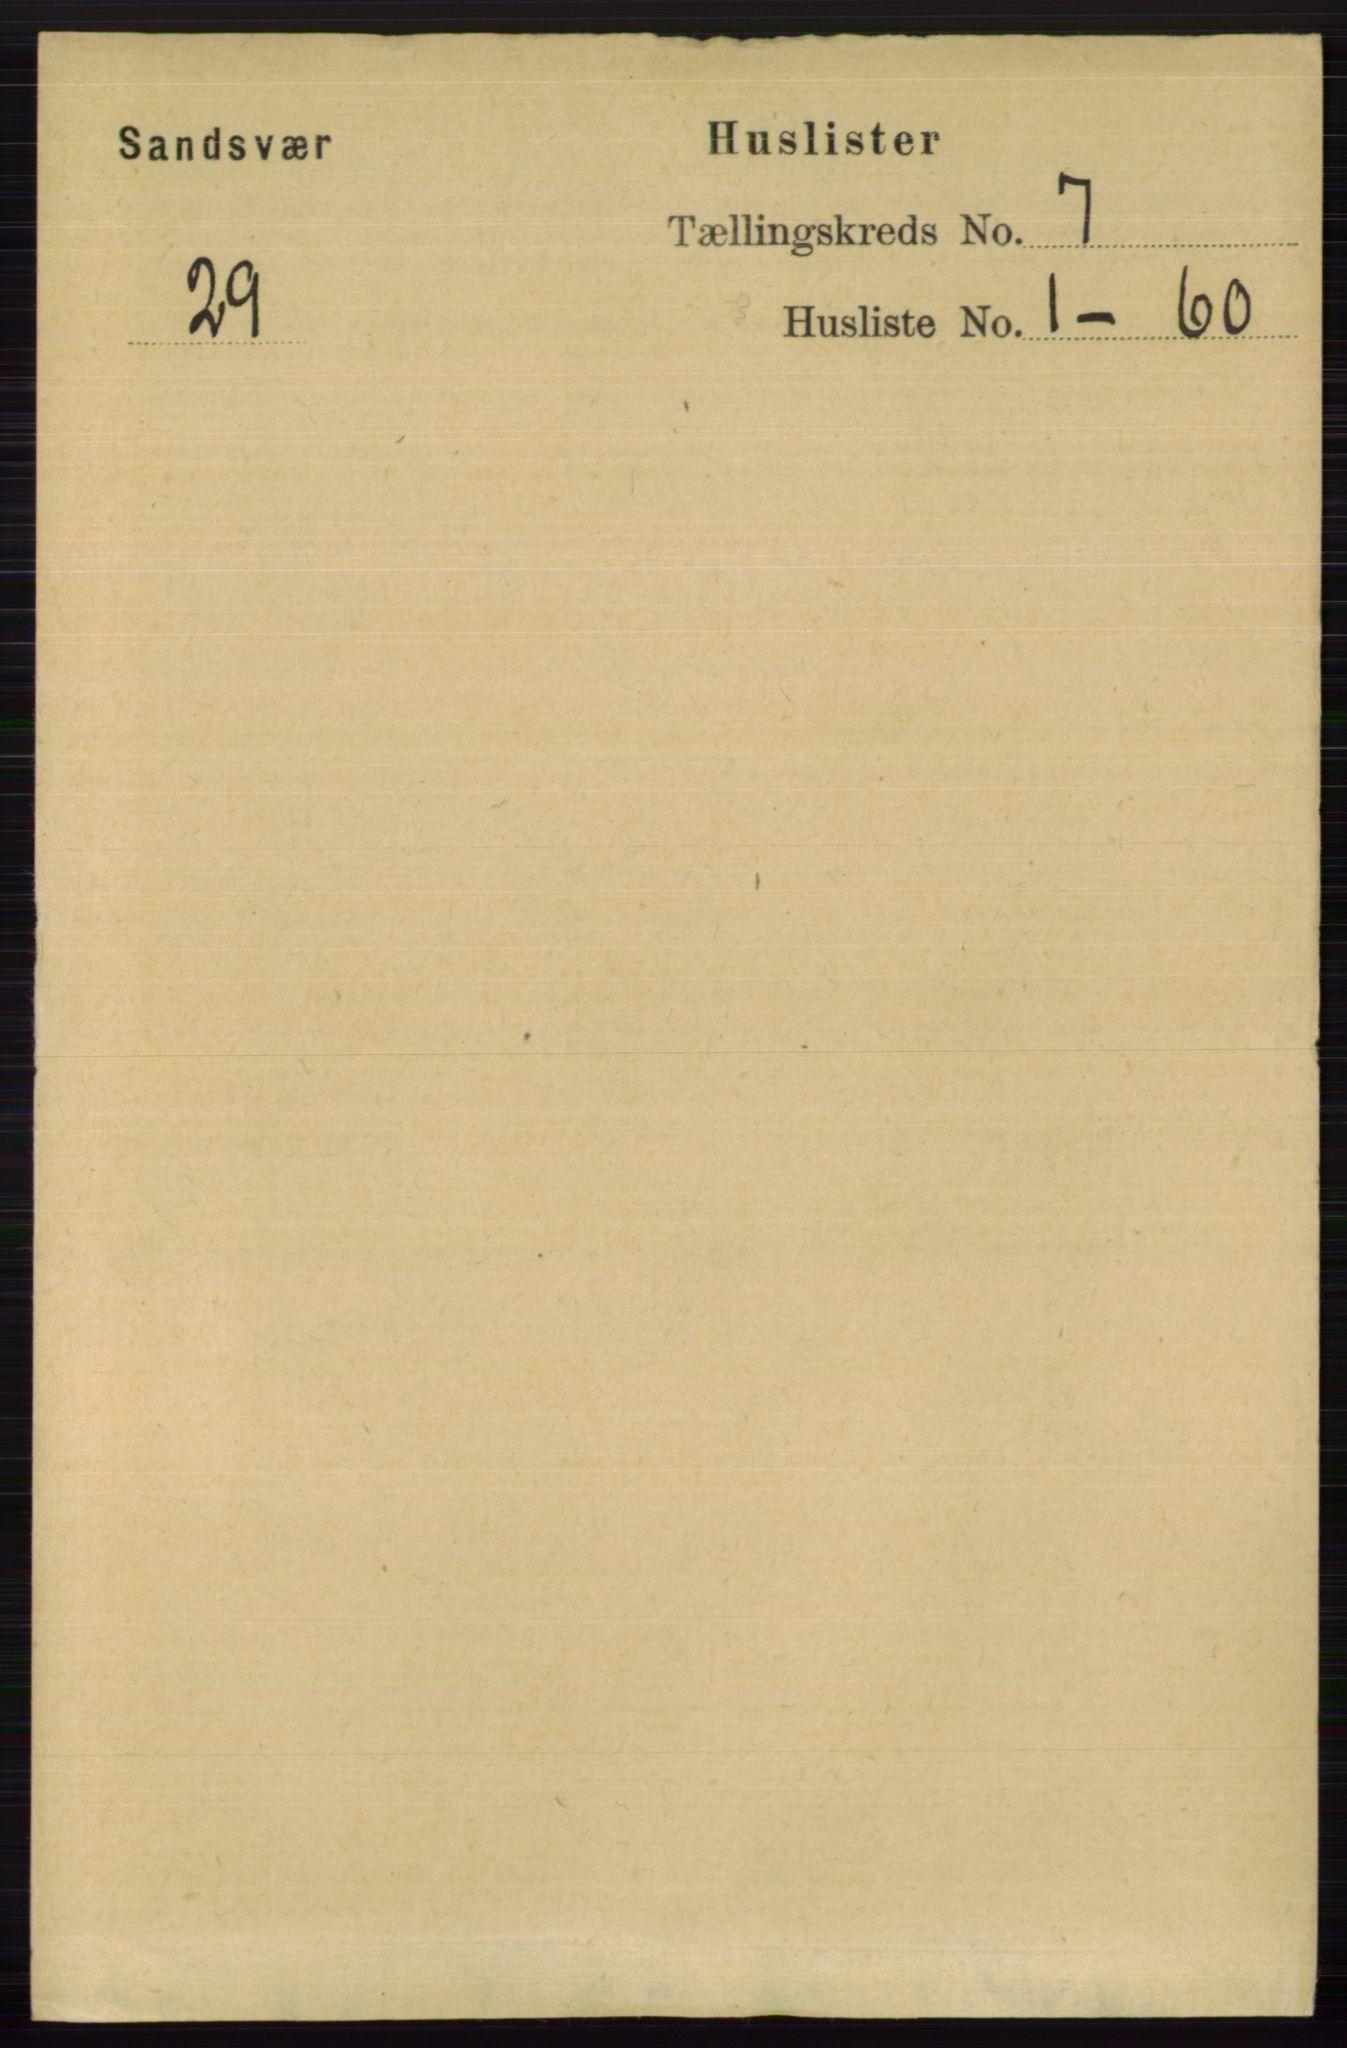 RA, Folketelling 1891 for 0629 Sandsvær herred, 1891, s. 3916